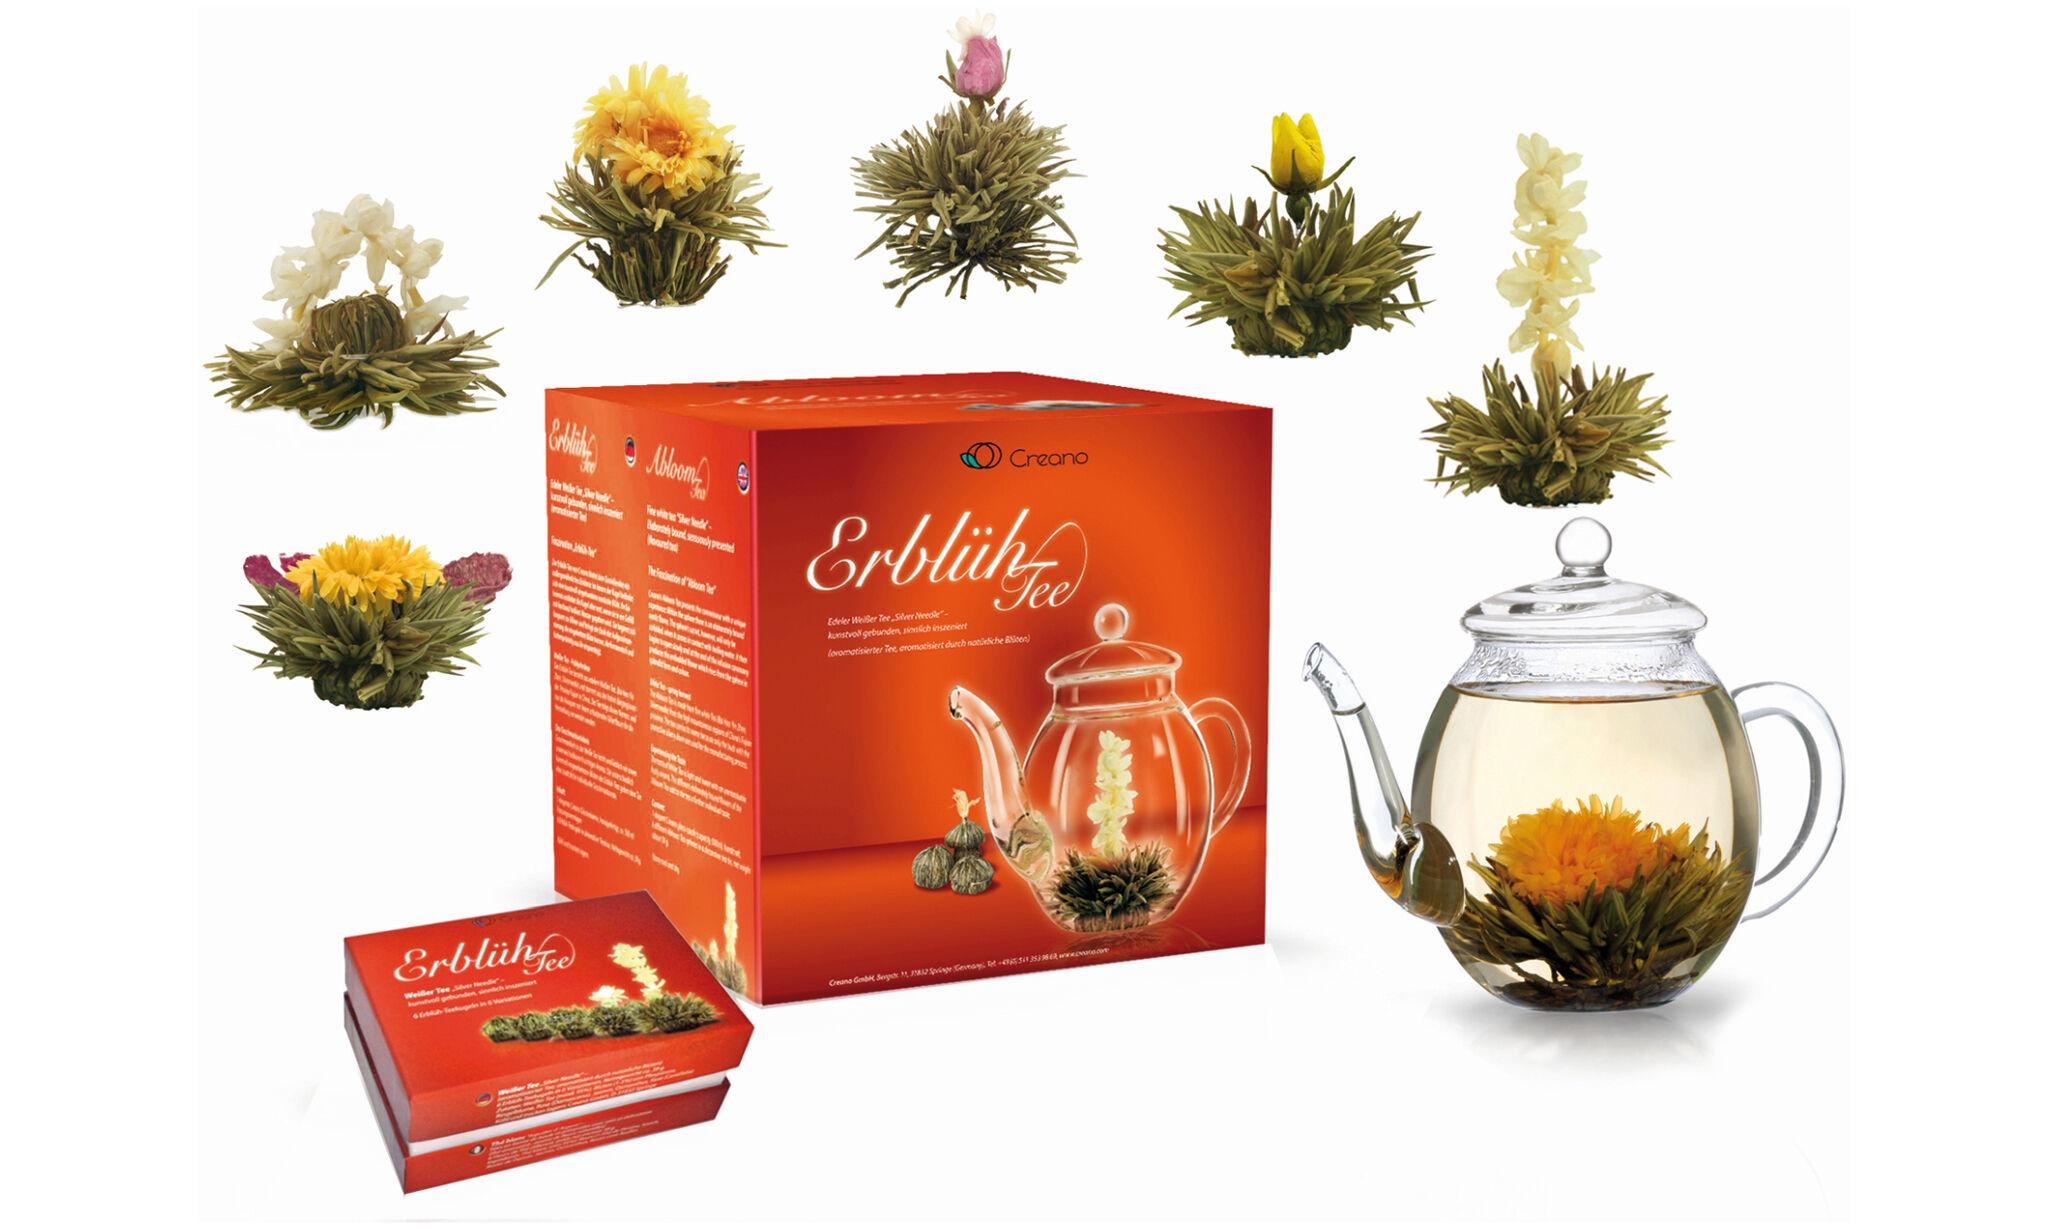 Coffret thé blanc avec une sélection de 6 fleurs de thé blanc et une théière en verre 500 ml